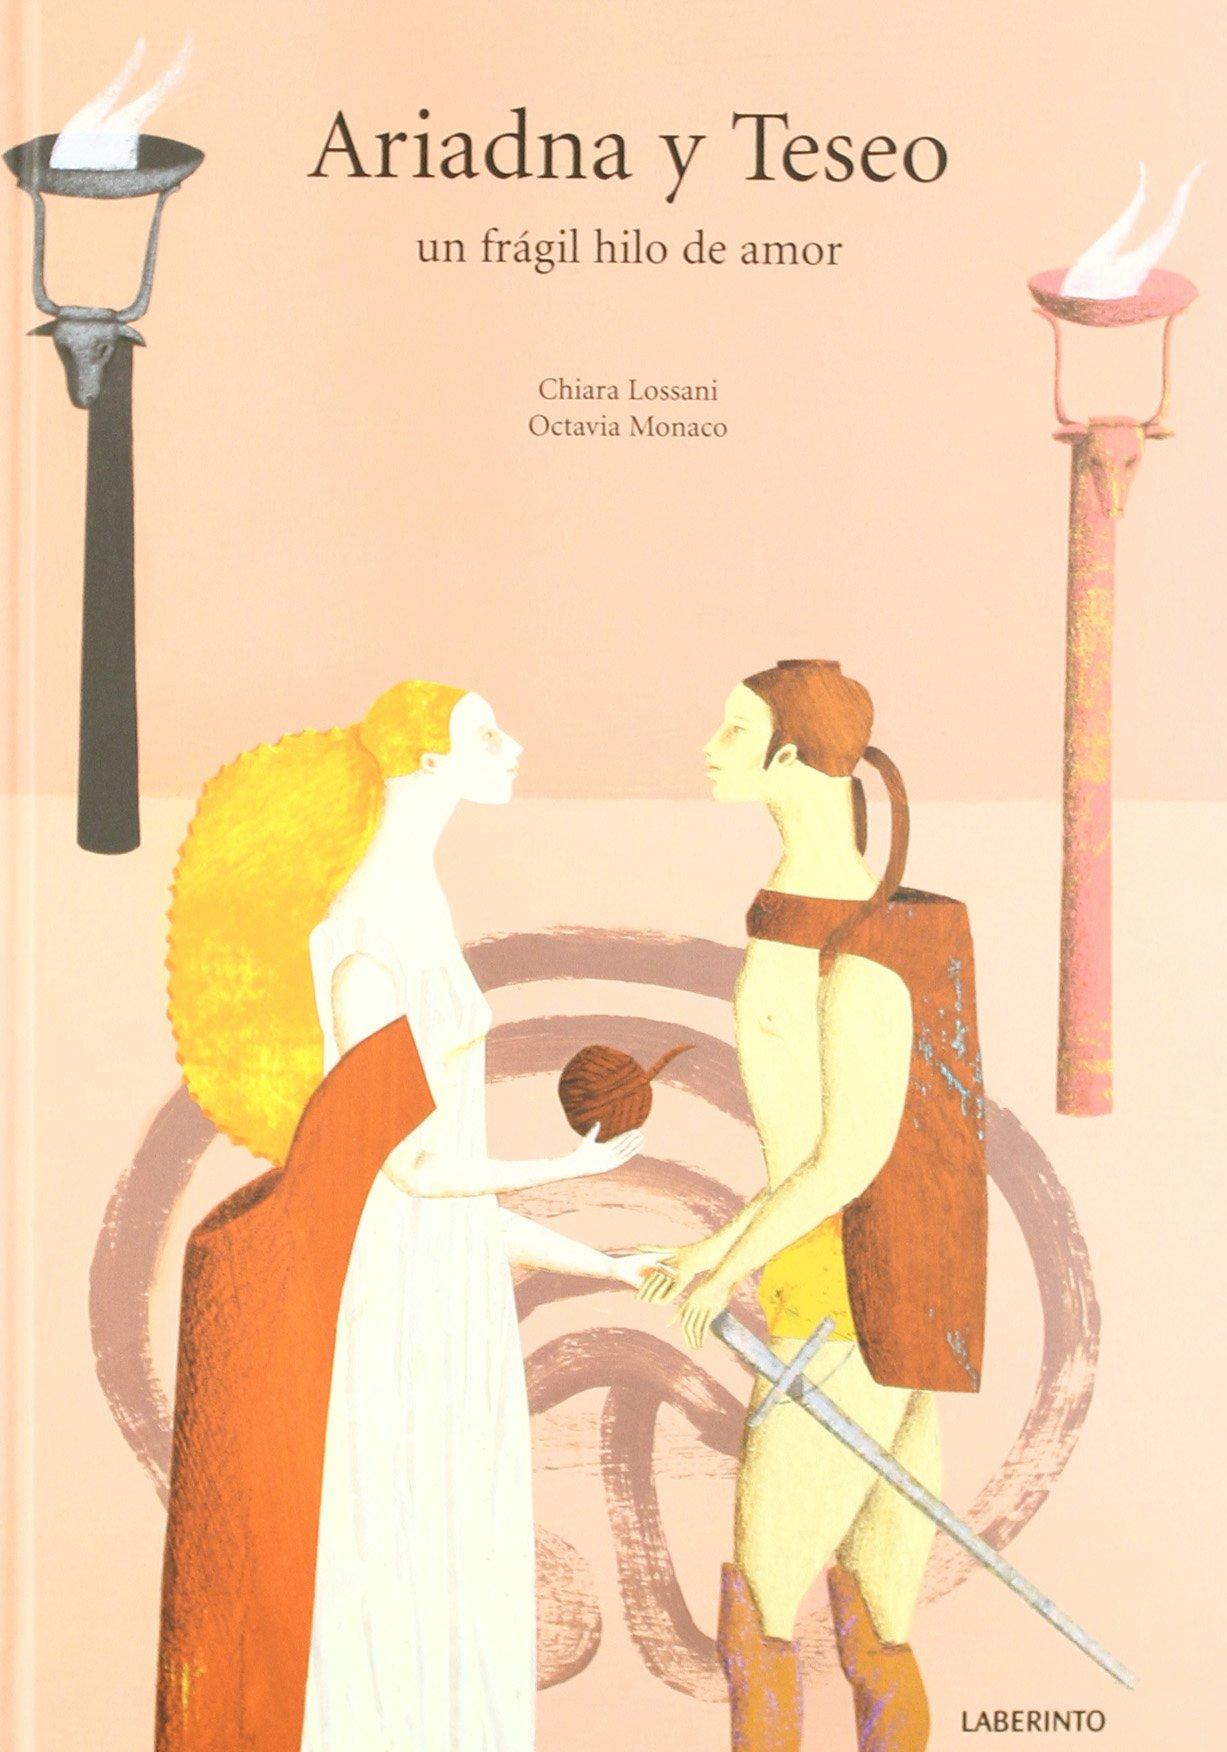 Ariadna y Teseo: Un fragil hilo de amor (Álbumes ilustrados) Tapa dura – 18 oct 2011 Chiara Lossani Octavia Monaco Ana Belén Valverde Elices Ediciones del Laberinto S. L